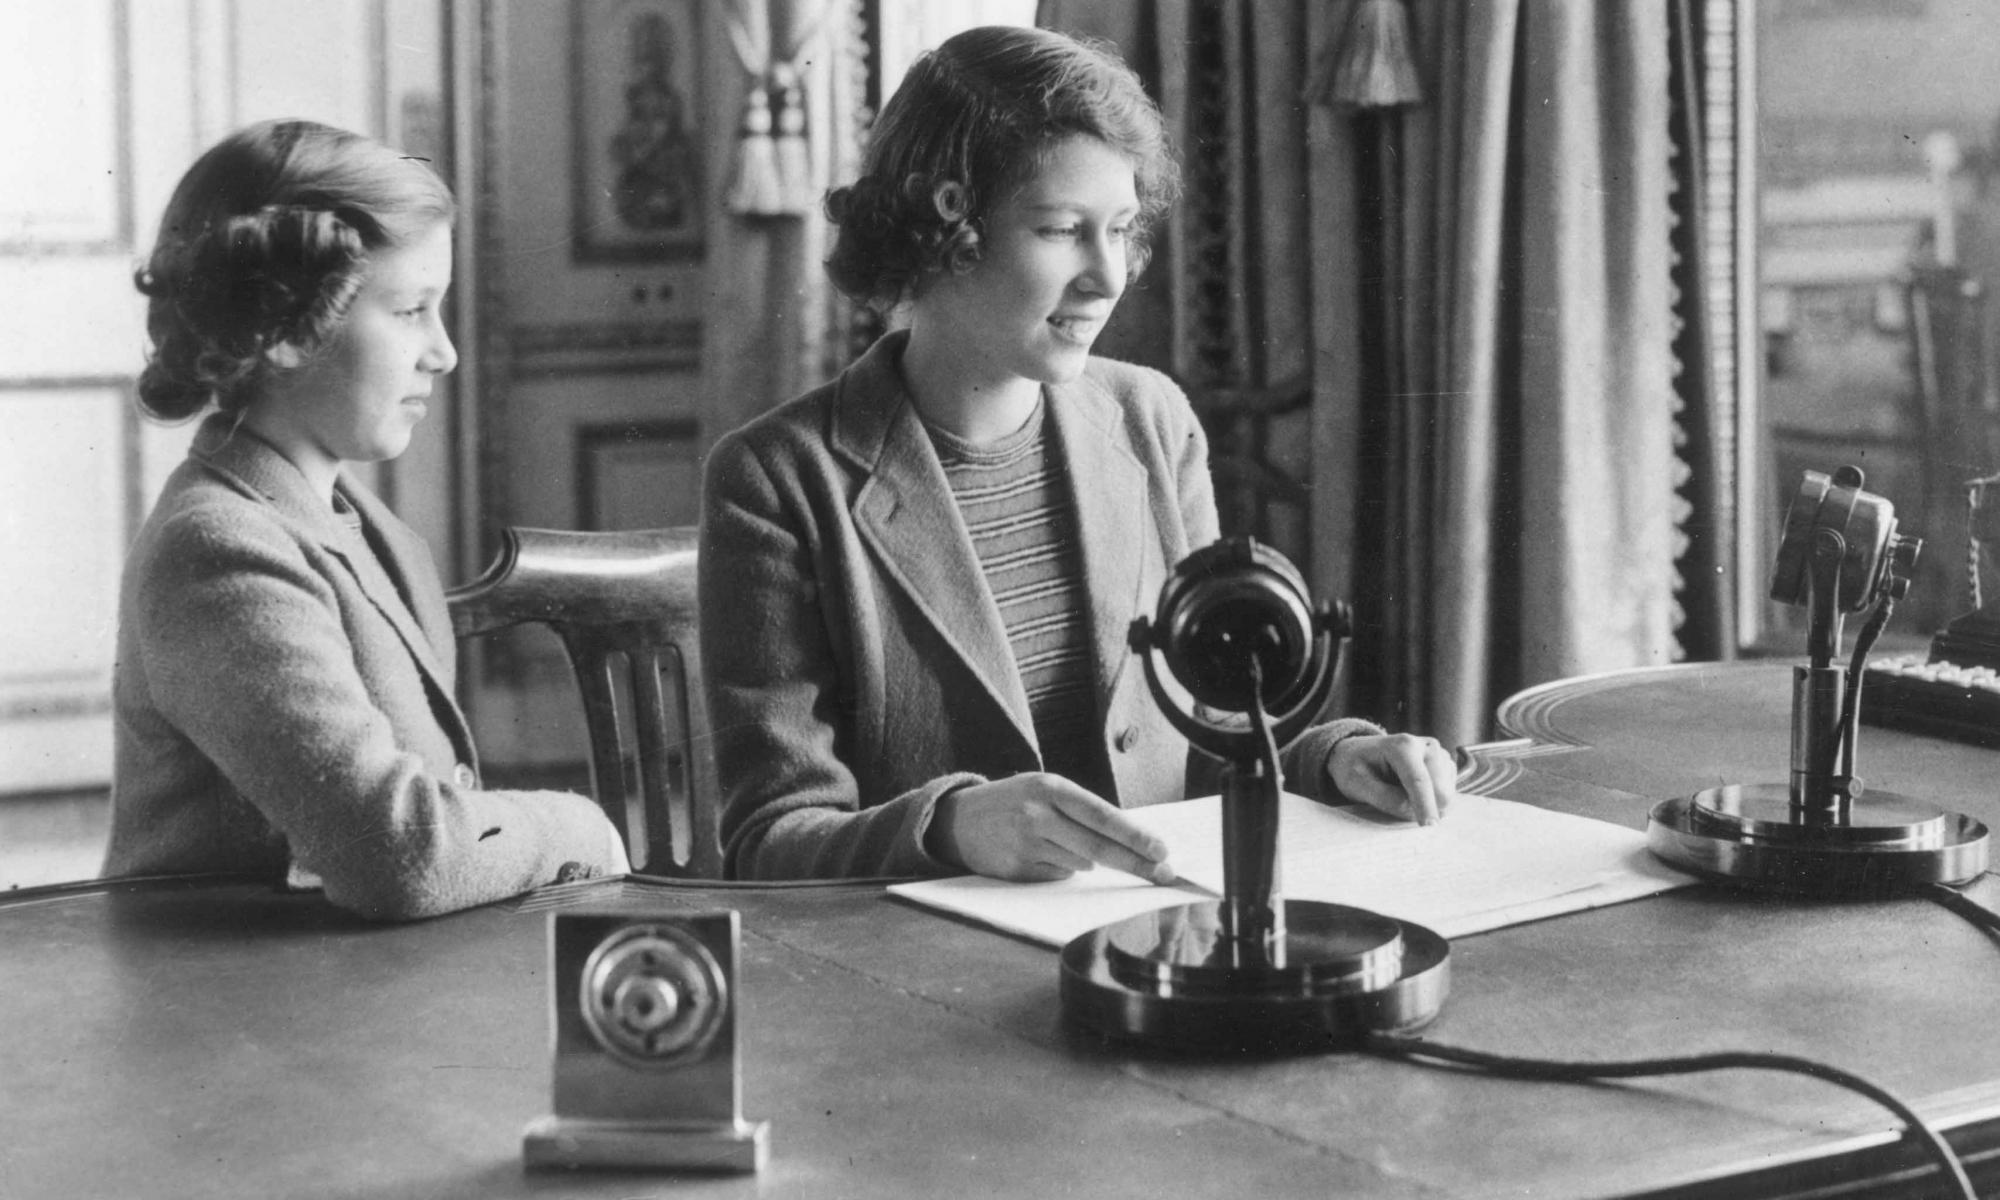 Lo que pueden aprender Leonor y Sofía del mensaje de la reina Isabel II cuando era niña